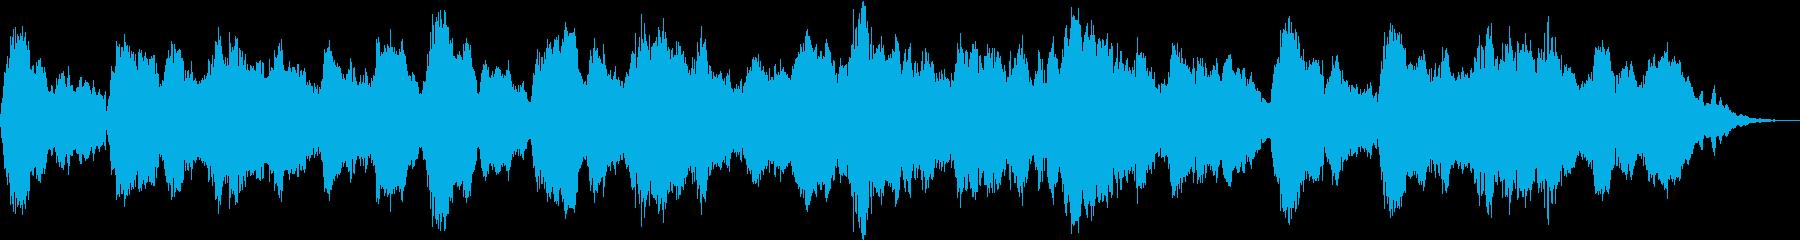 古楽風で幻想的なBGMの再生済みの波形